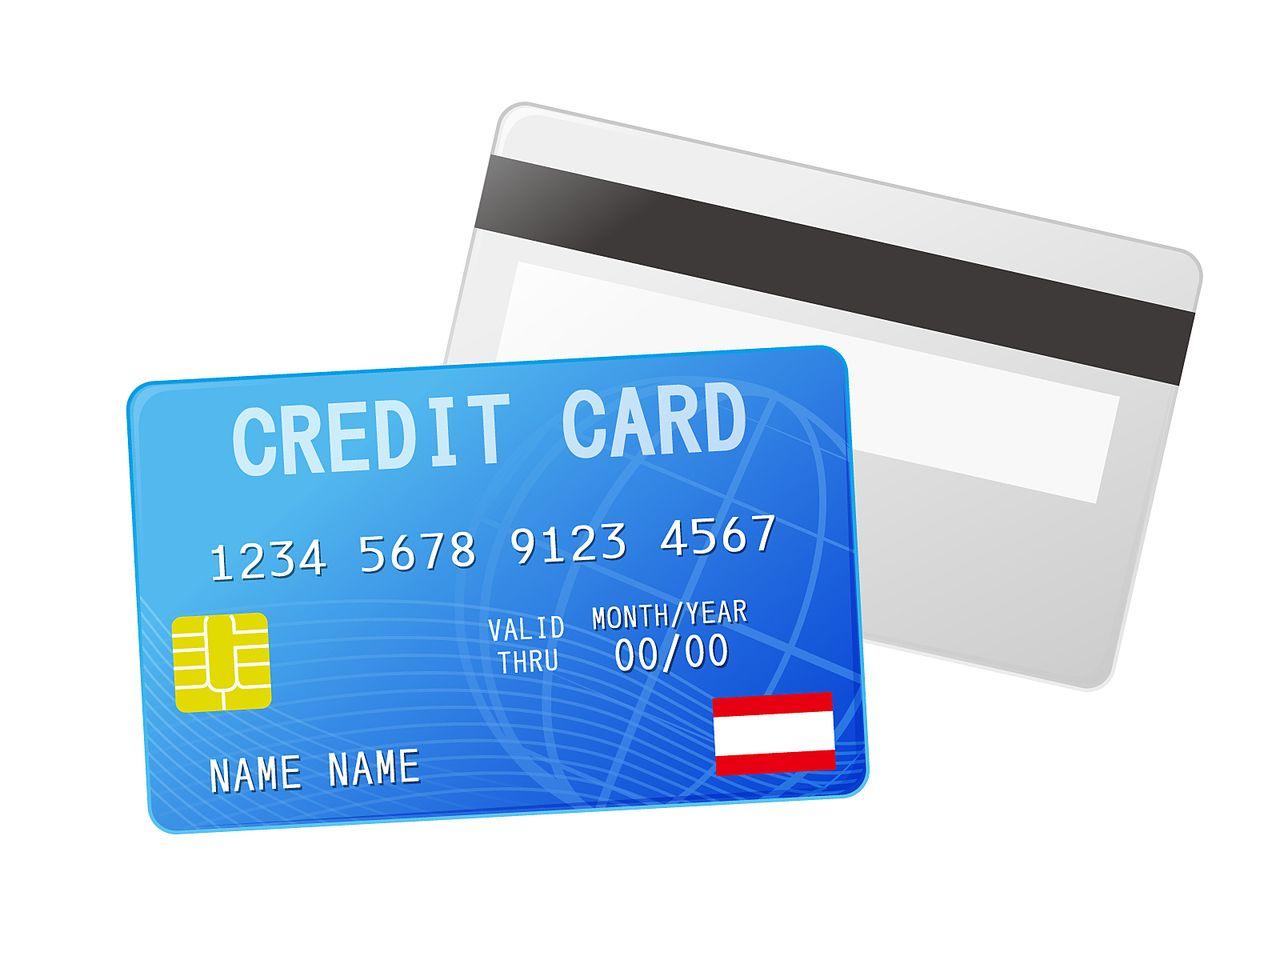 クレジットカードの使い方には注意を!